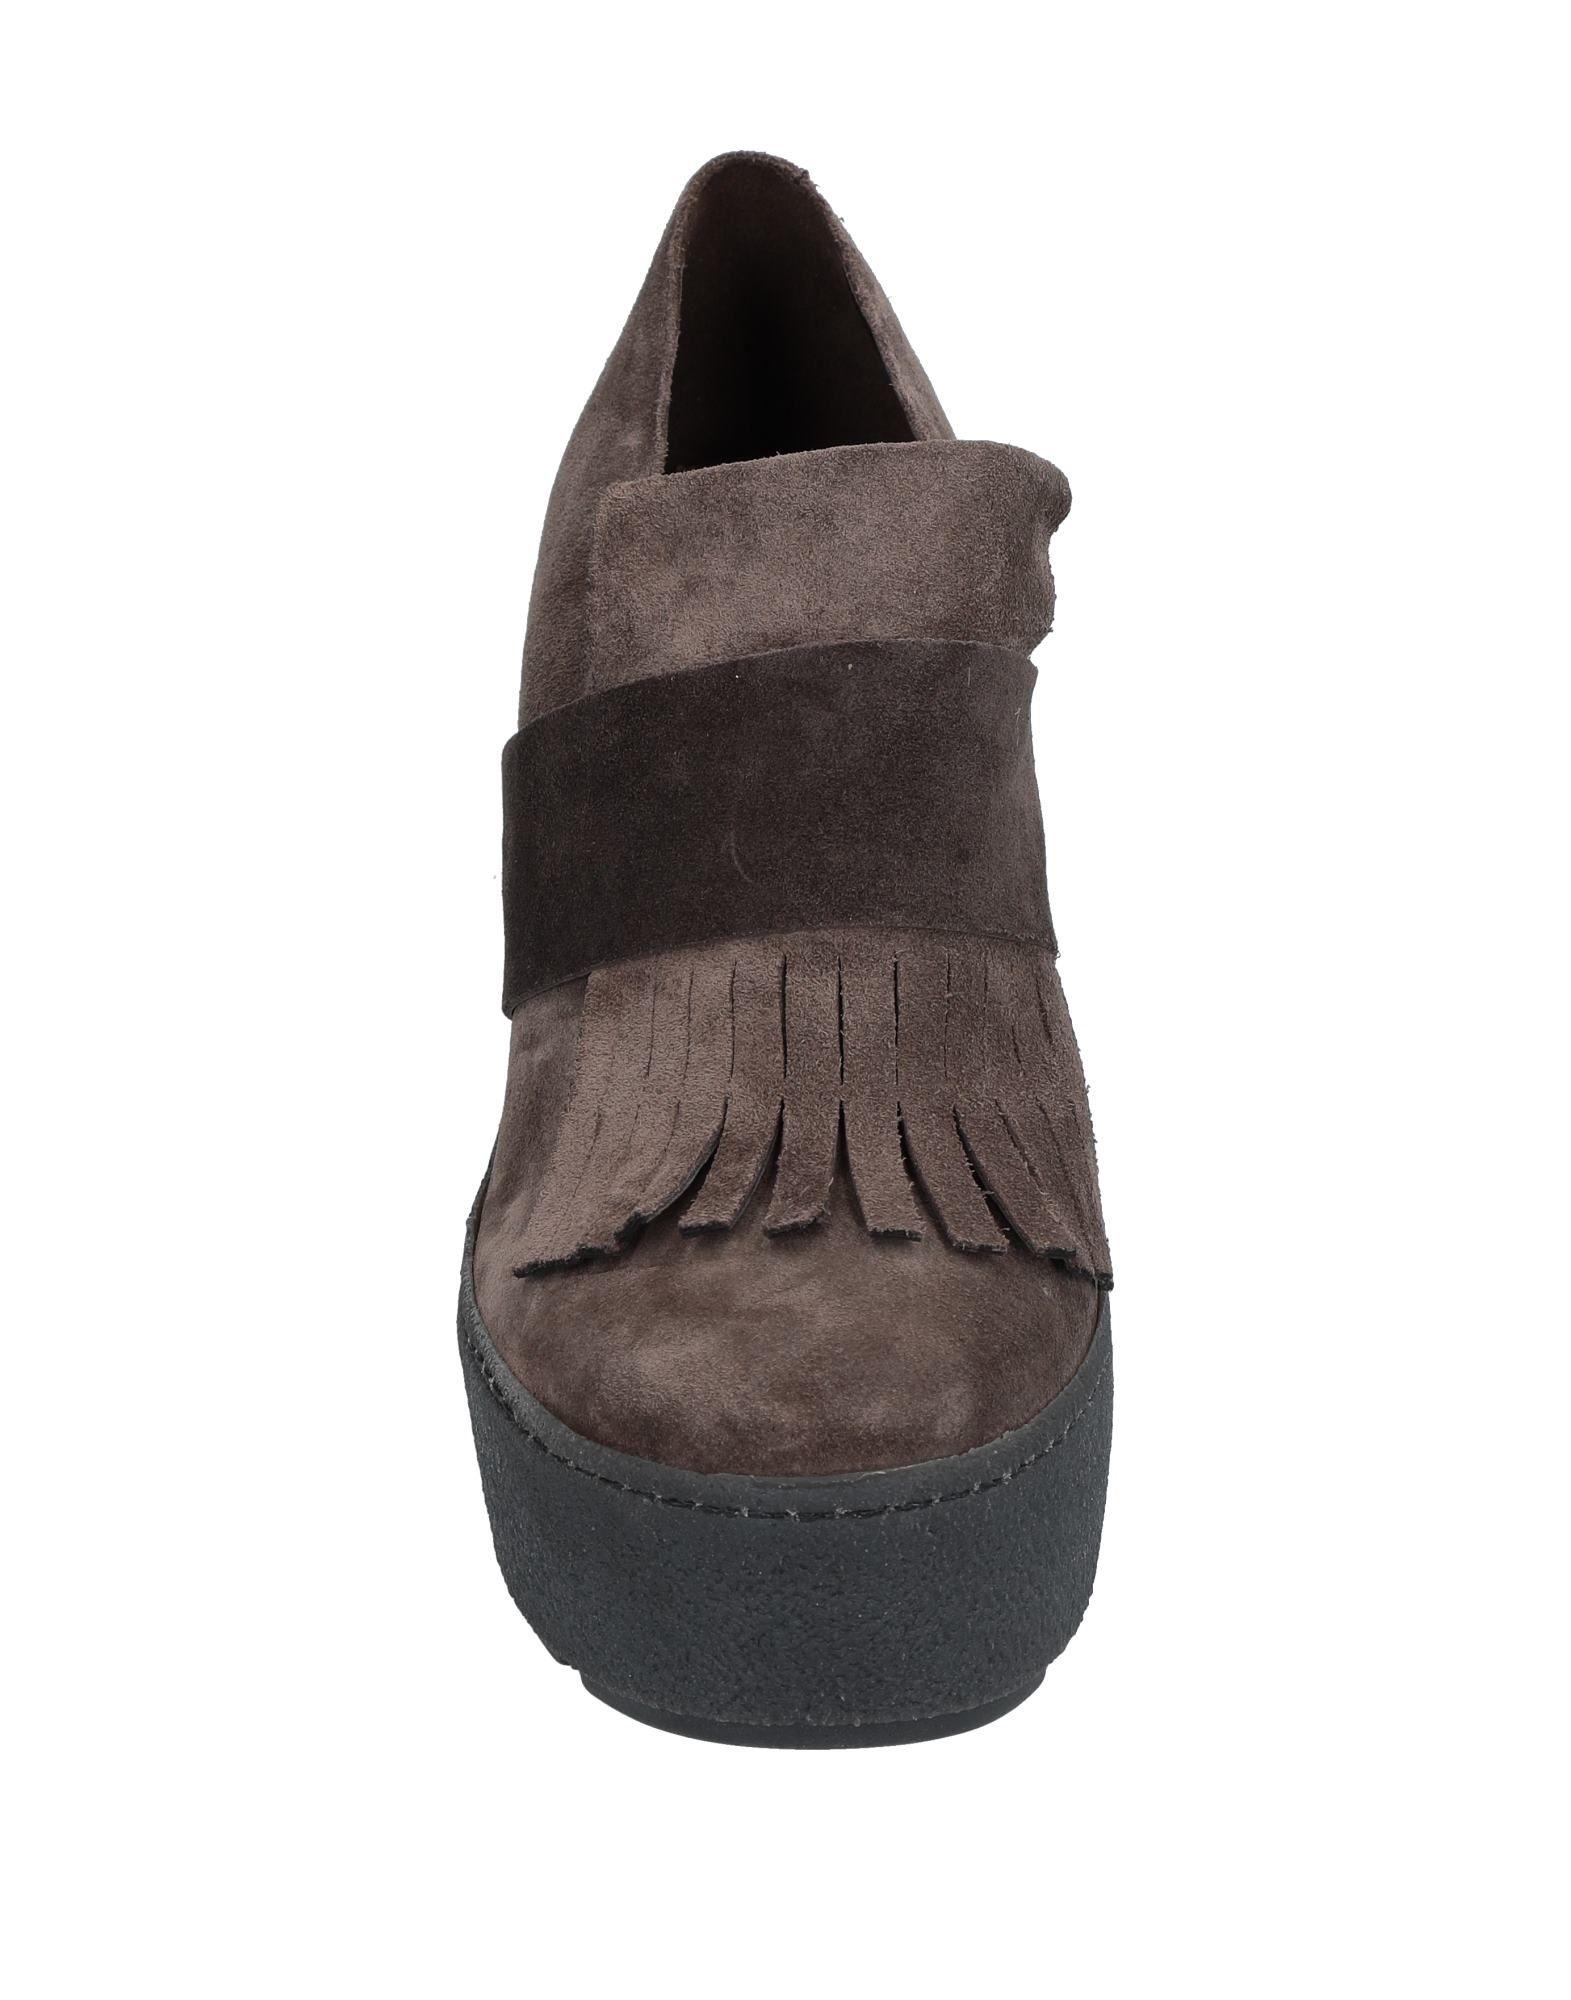 Stilvolle billige Schuhe Damen 87 Vic Matiē Mokassins Damen Schuhe  11532765NL 86cf85